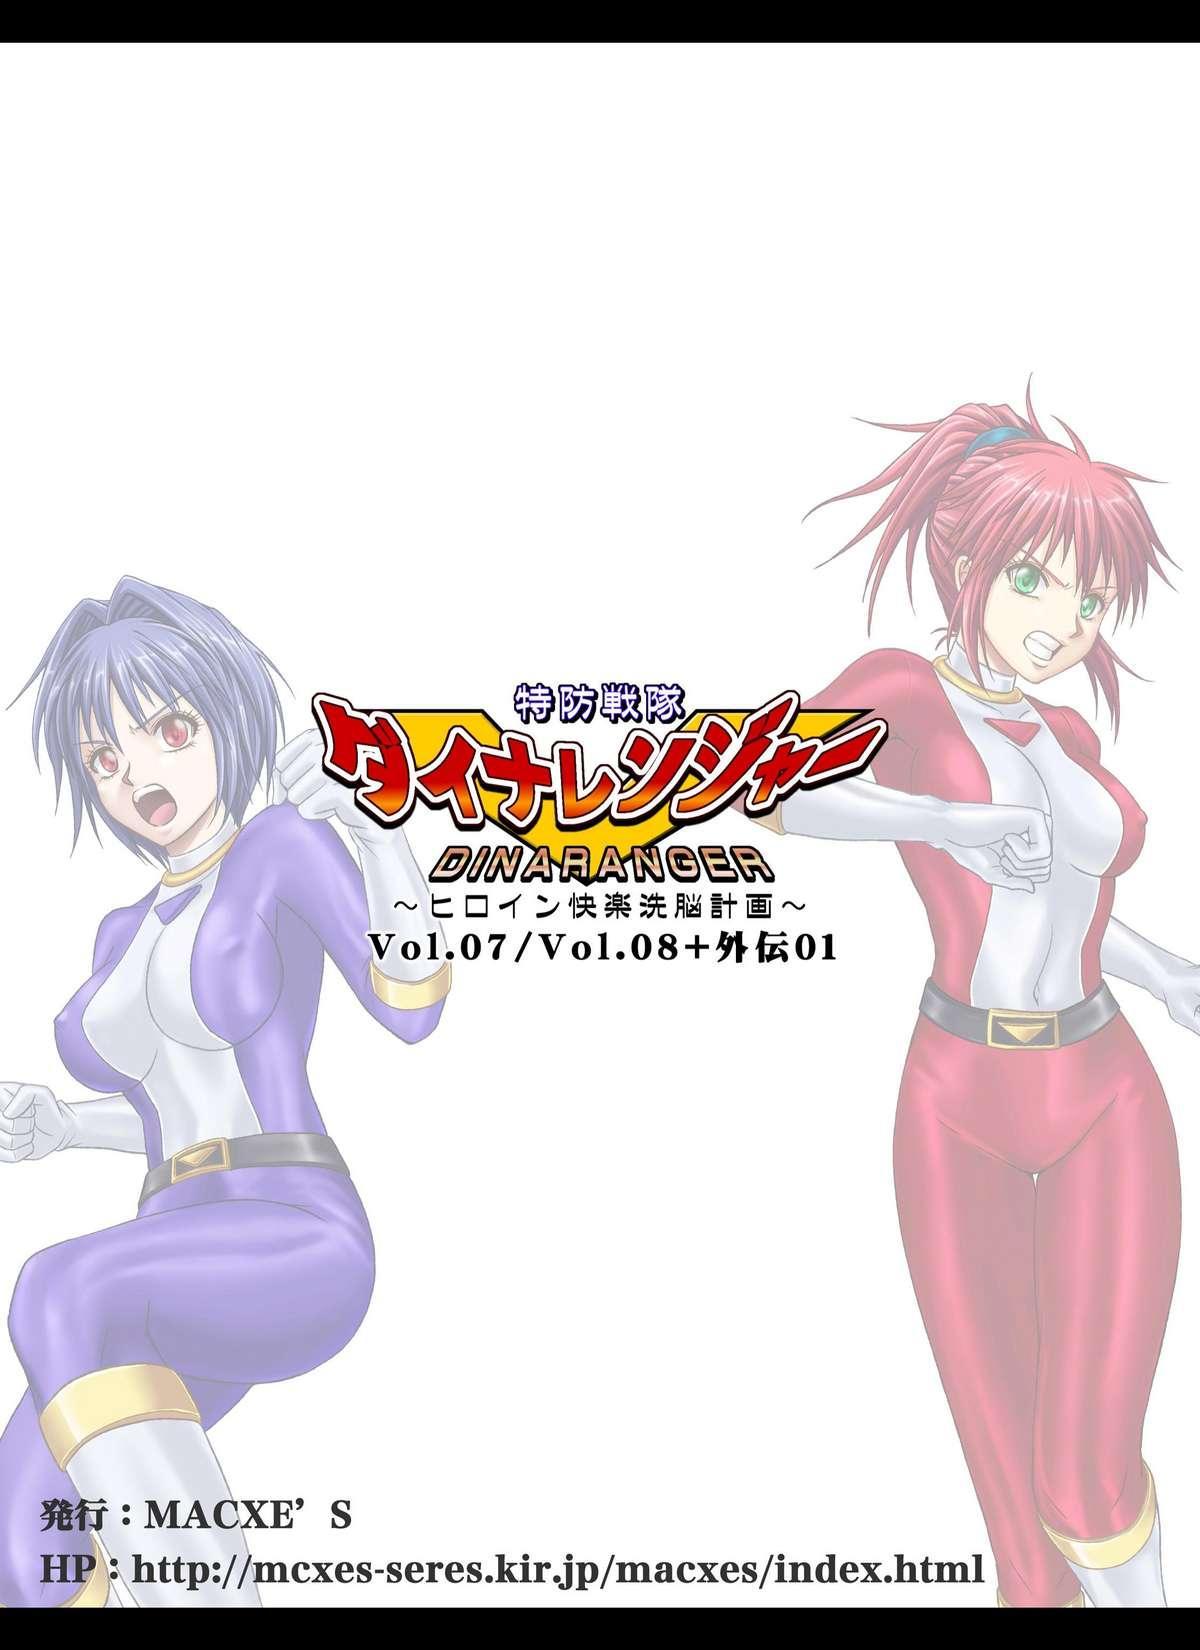 [Macxe's (monmon)] Tokubousentai Dinaranger ~Heroine Kairaku Sennou Keikaku~ Vol. 07/08/Gaiden01 [English] [SaHa] 74